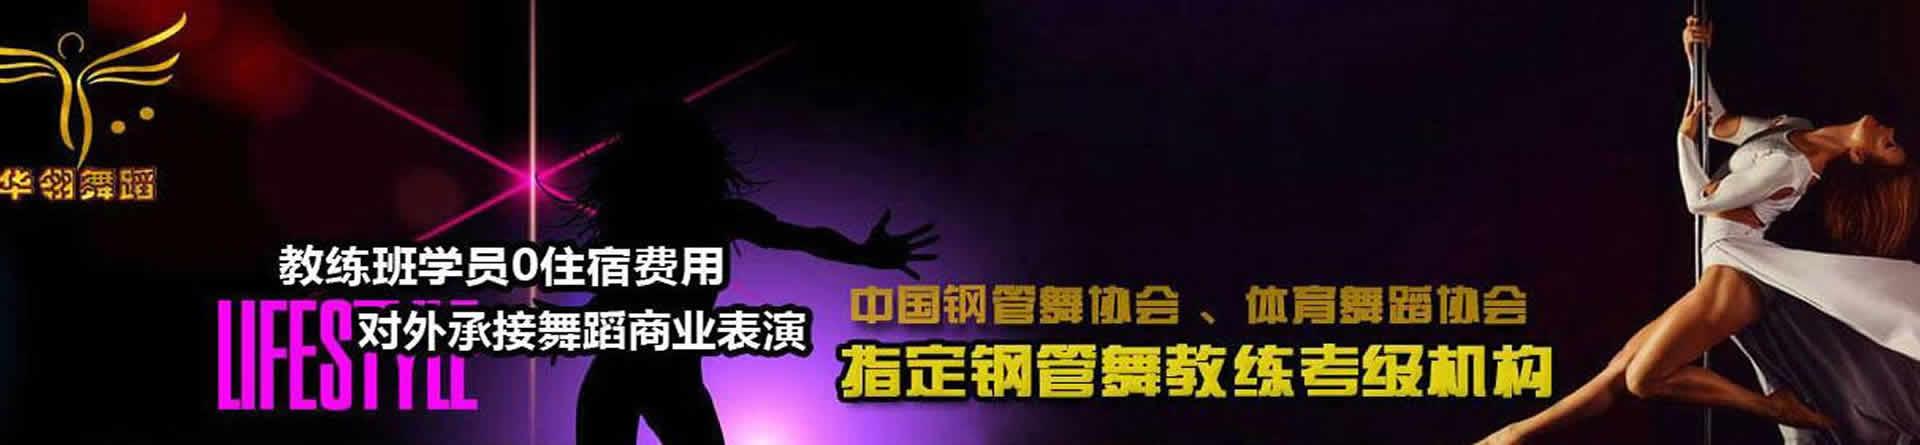 郑州华翎舞蹈培训